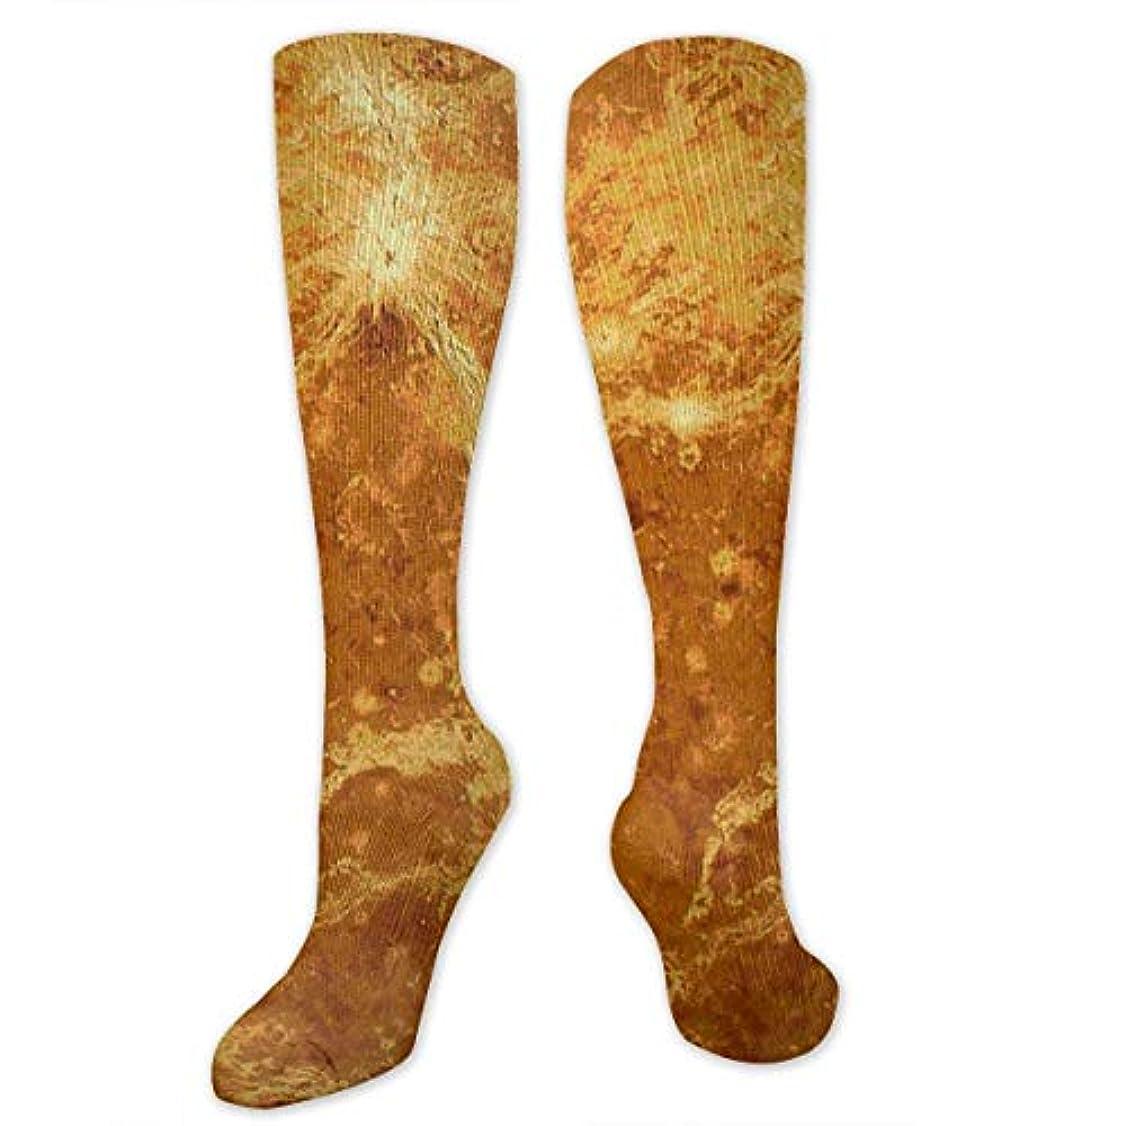 厄介な主張する癒す靴下,ストッキング,野生のジョーカー,実際,秋の本質,冬必須,サマーウェア&RBXAA Venus.png Socks Women's Winter Cotton Long Tube Socks Knee High Graduated...